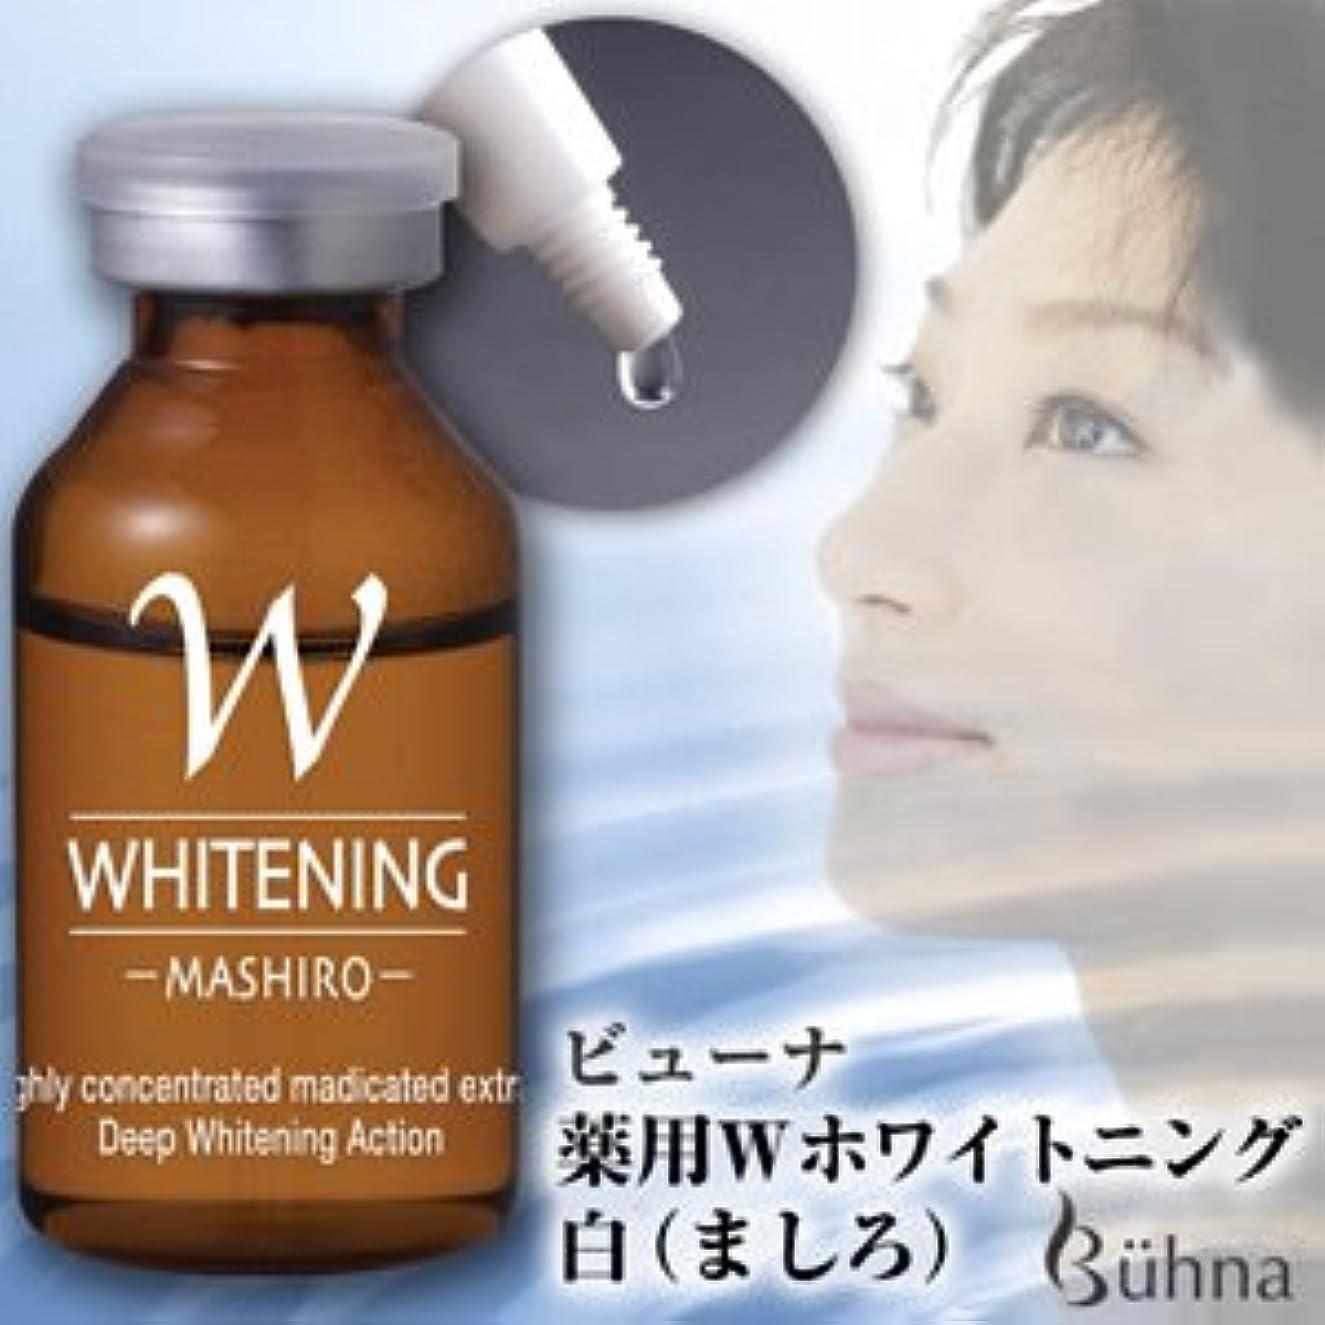 私ポット縮約超高濃度!W原液がシミを断つ、翌朝の肌で感じる美肌力『薬用ダブルホワイトニング白(ましろ)』